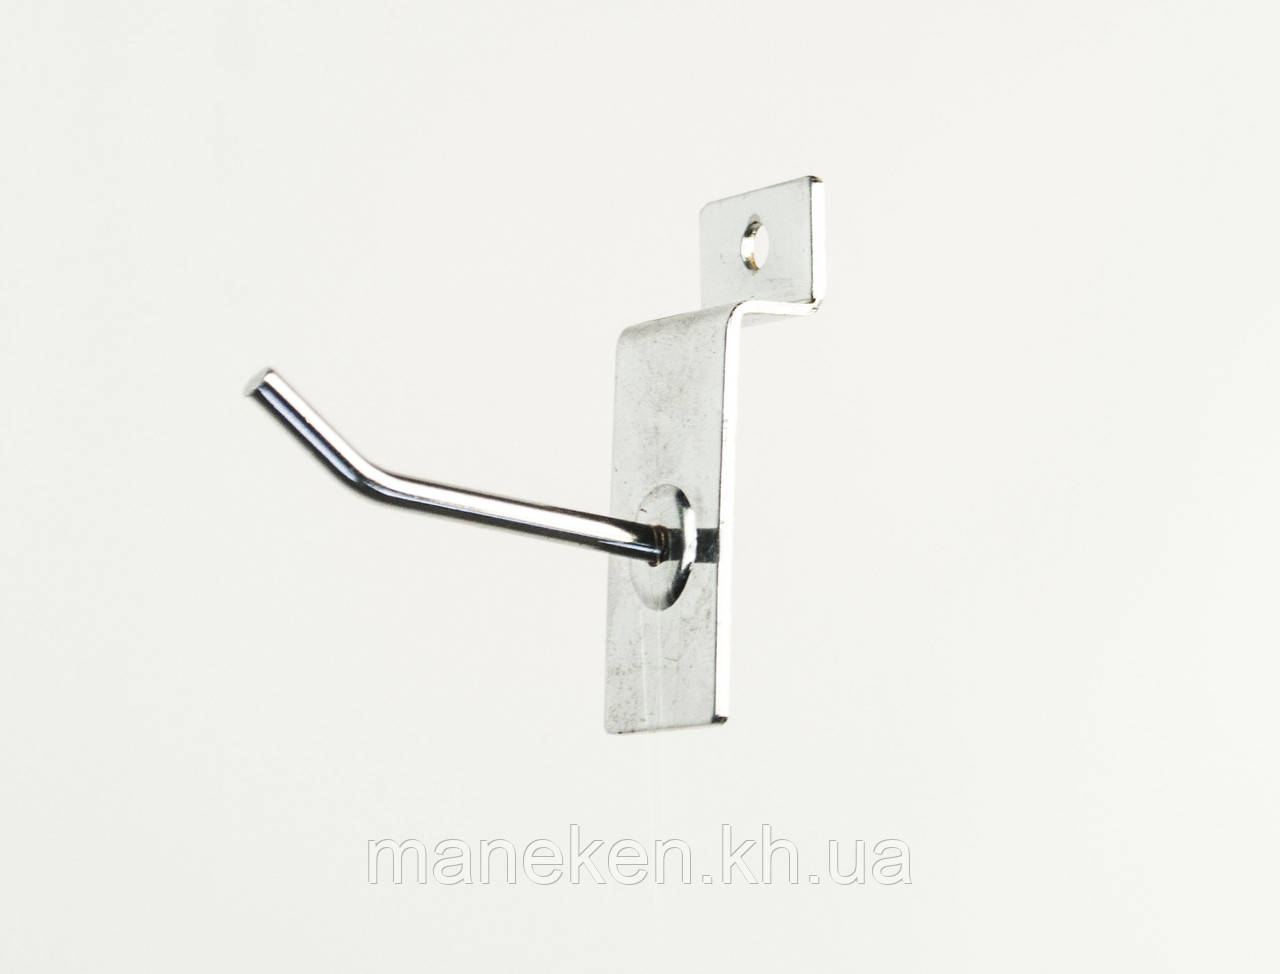 Крючок с креплением на эконом-панель L5Ф4,5(С-46) Хром